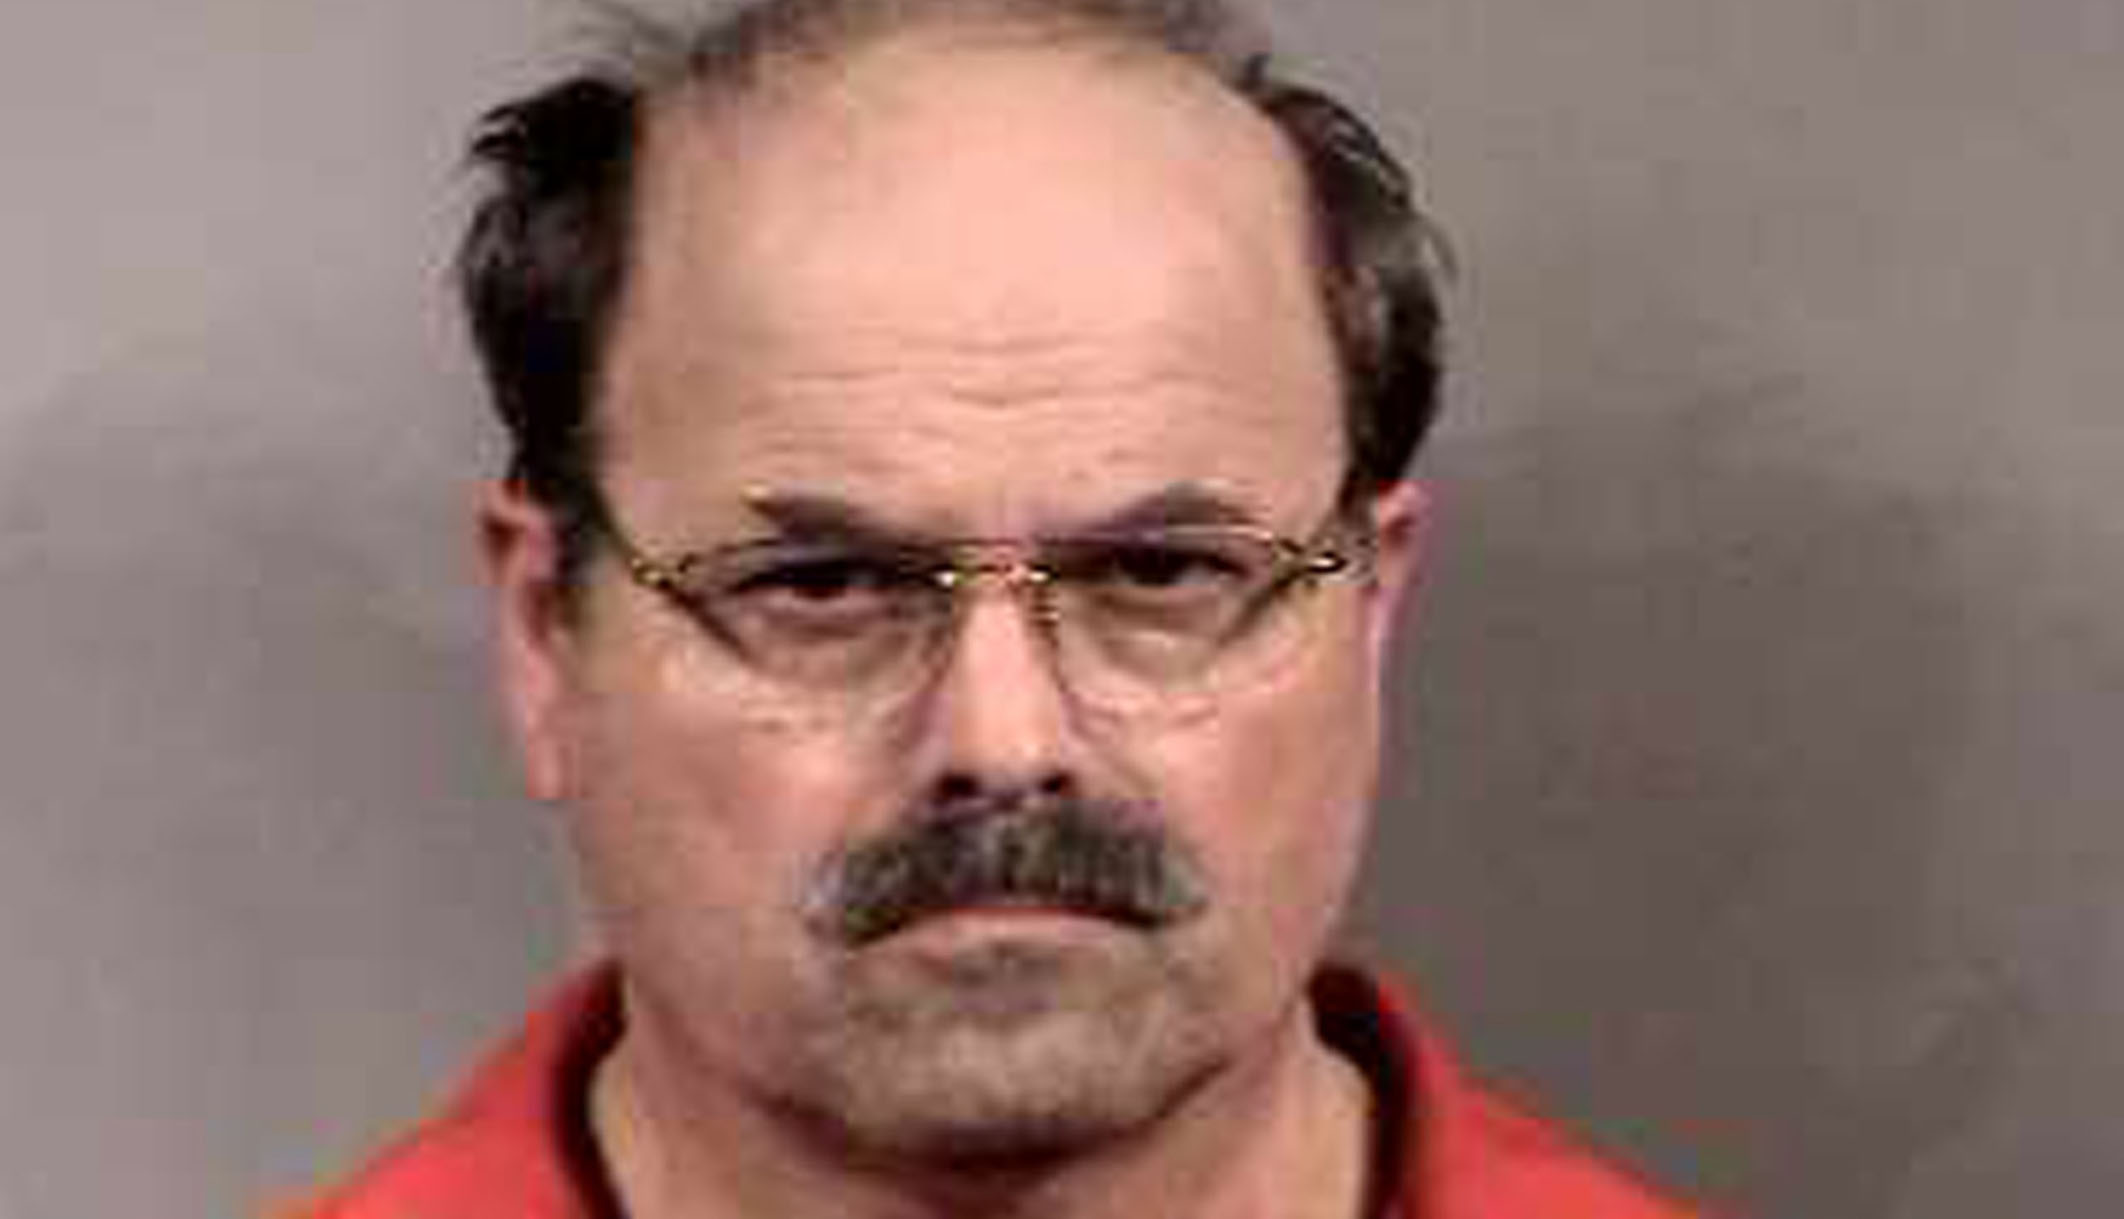 ¿Por qué Dennis Rader, el asesino de BTK, esperó tanto tiempo entre sus asesinatos?